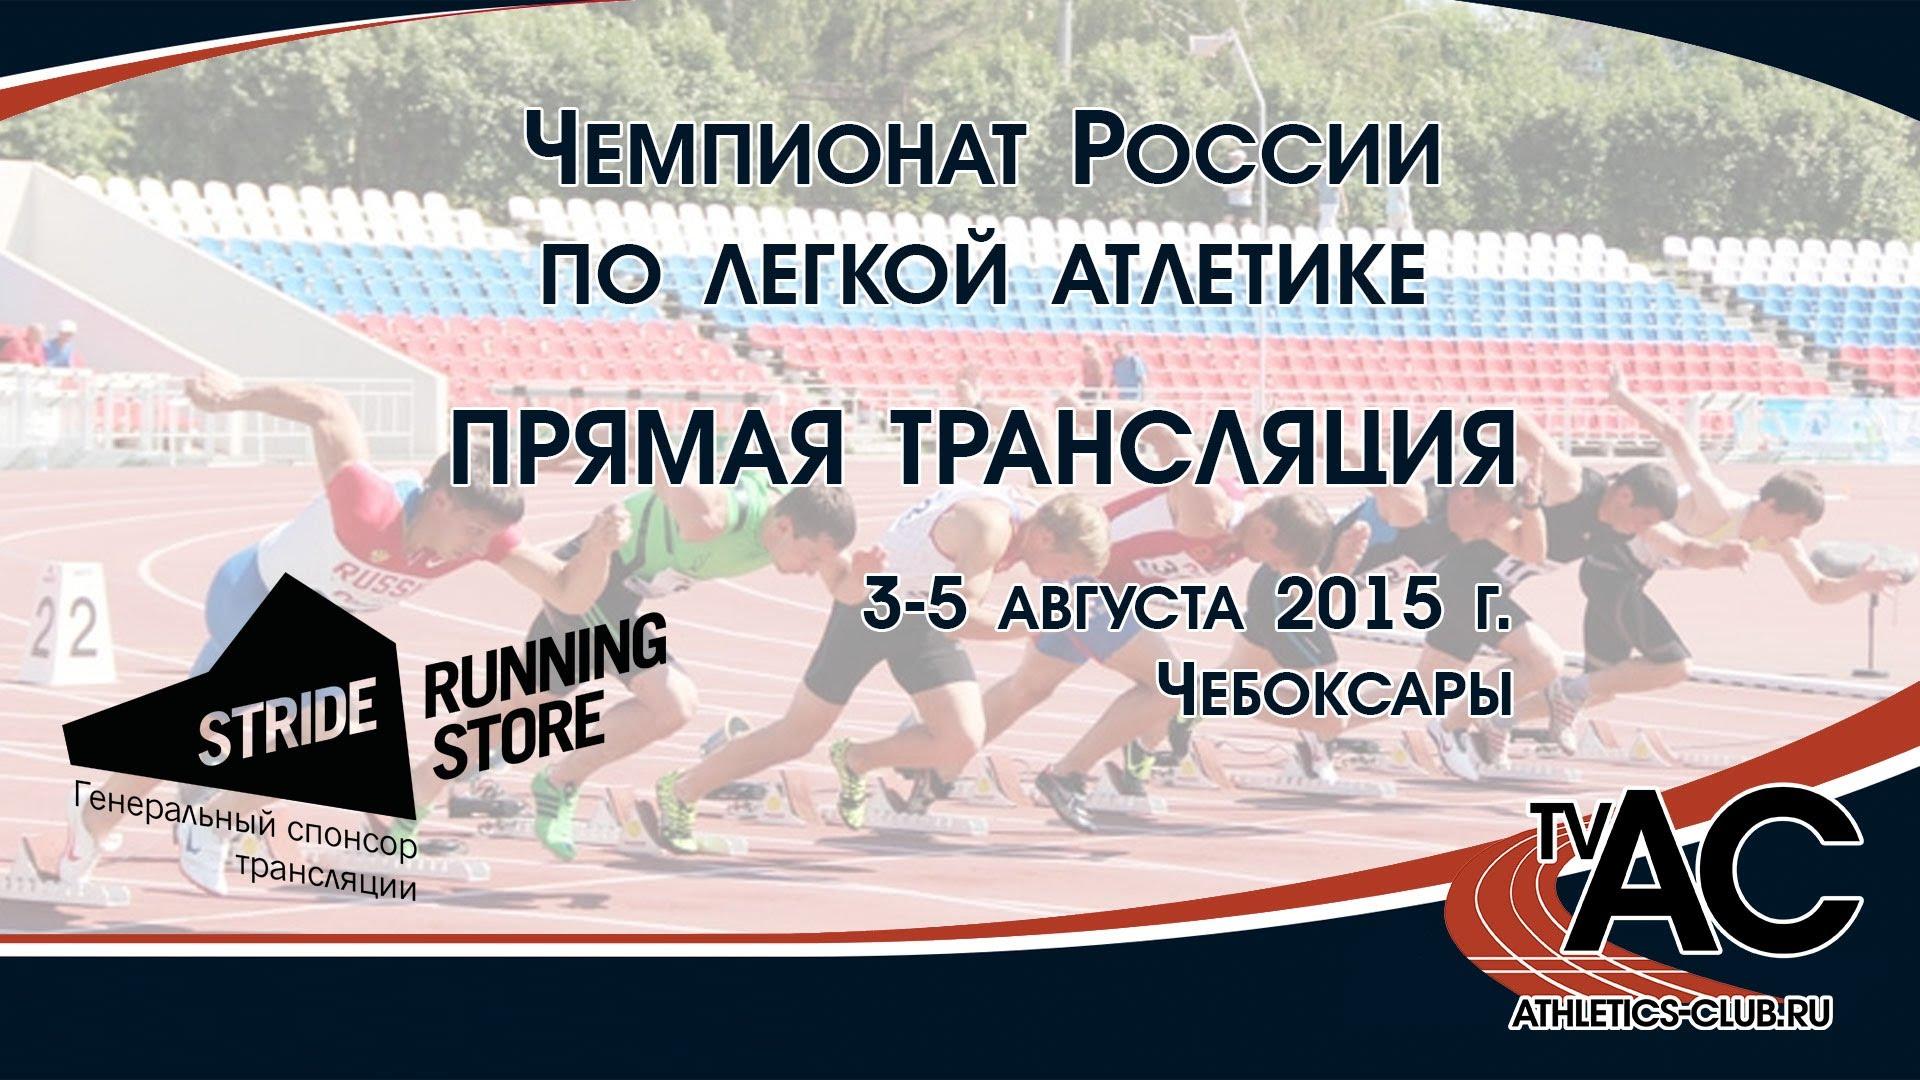 Чемпионат России по легкой атлетике (Чебоксары) - 3 день, вечер